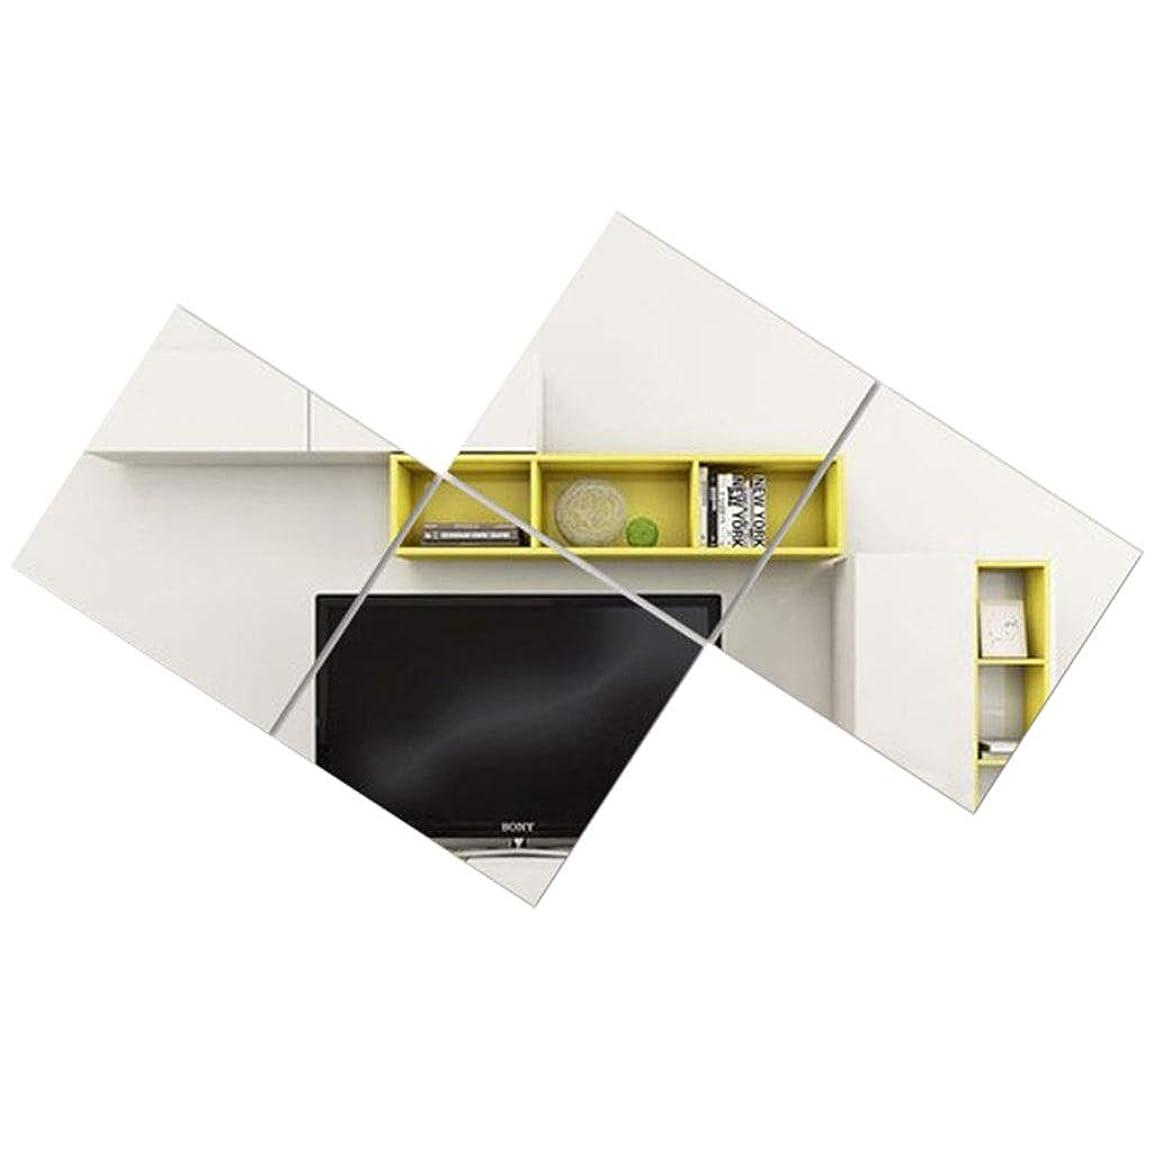 アパート凍結気味の悪いTYJ-JP 鏡壁ガラス鏡フレームレスコンビネーションミラー衣料品店用鏡マルチスプライシングミラーギフト (Color : Silver, Size : 45*45cm)